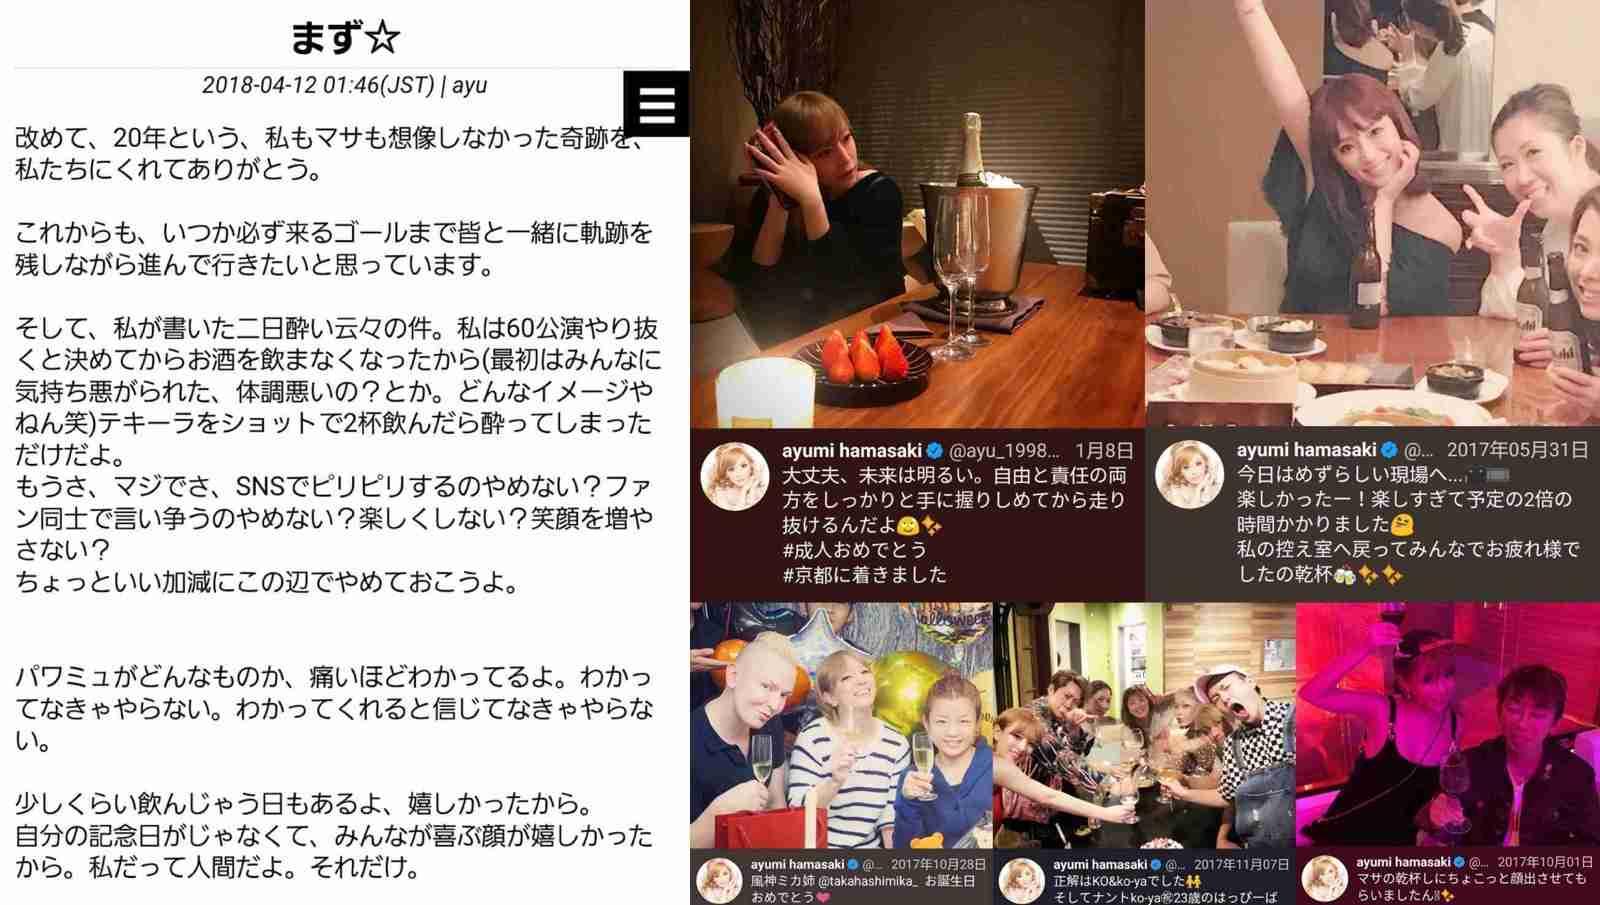 """浜崎あゆみが二日酔いツイートの経緯を説明! 「悪酔いは""""禁酒""""していたから」と釈明するも嘘がバレる!?"""